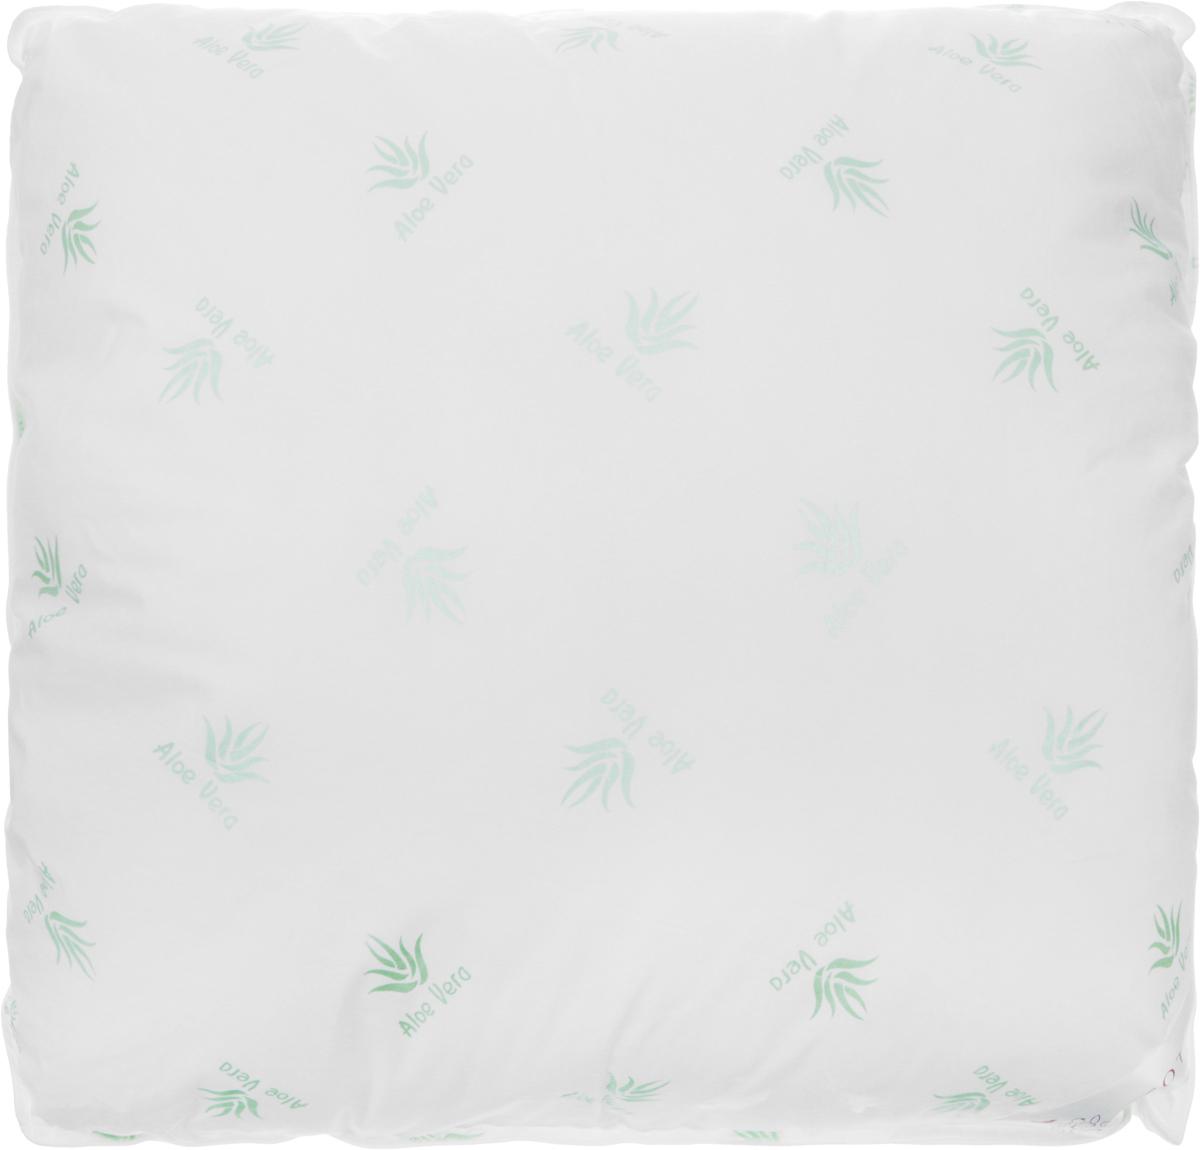 Подушка Ecotex Алоэ вера - Премиум, наполнитель: пух, полиэстер, 68 х 68 см подушка ecotex эдда наполнитель пух 68 х 68 см